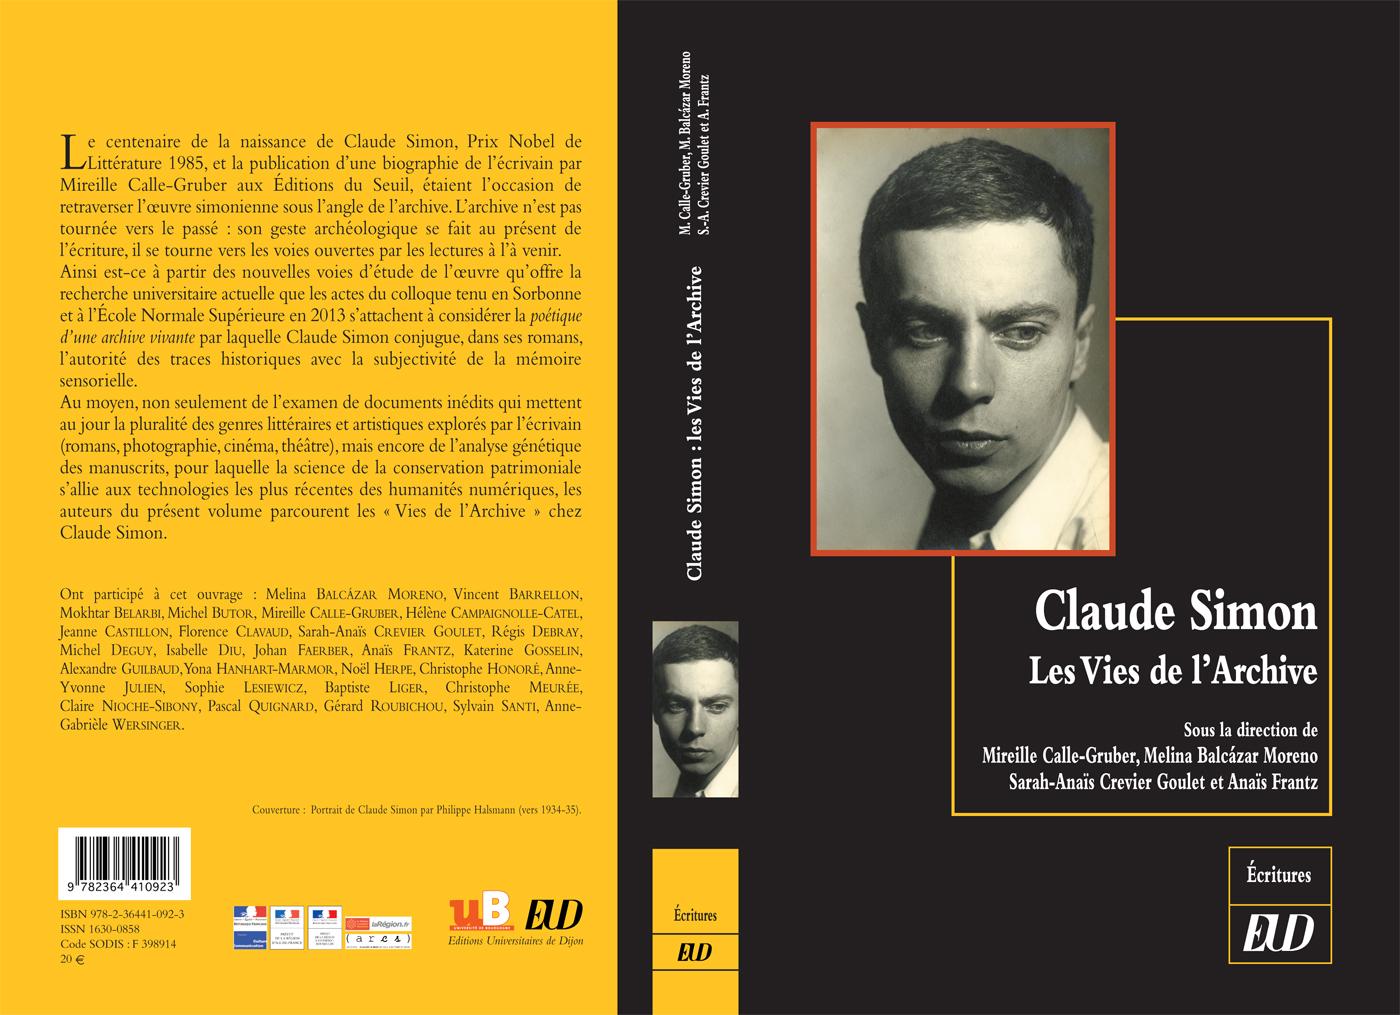 Claude Simon - Les Vies de l'Archives